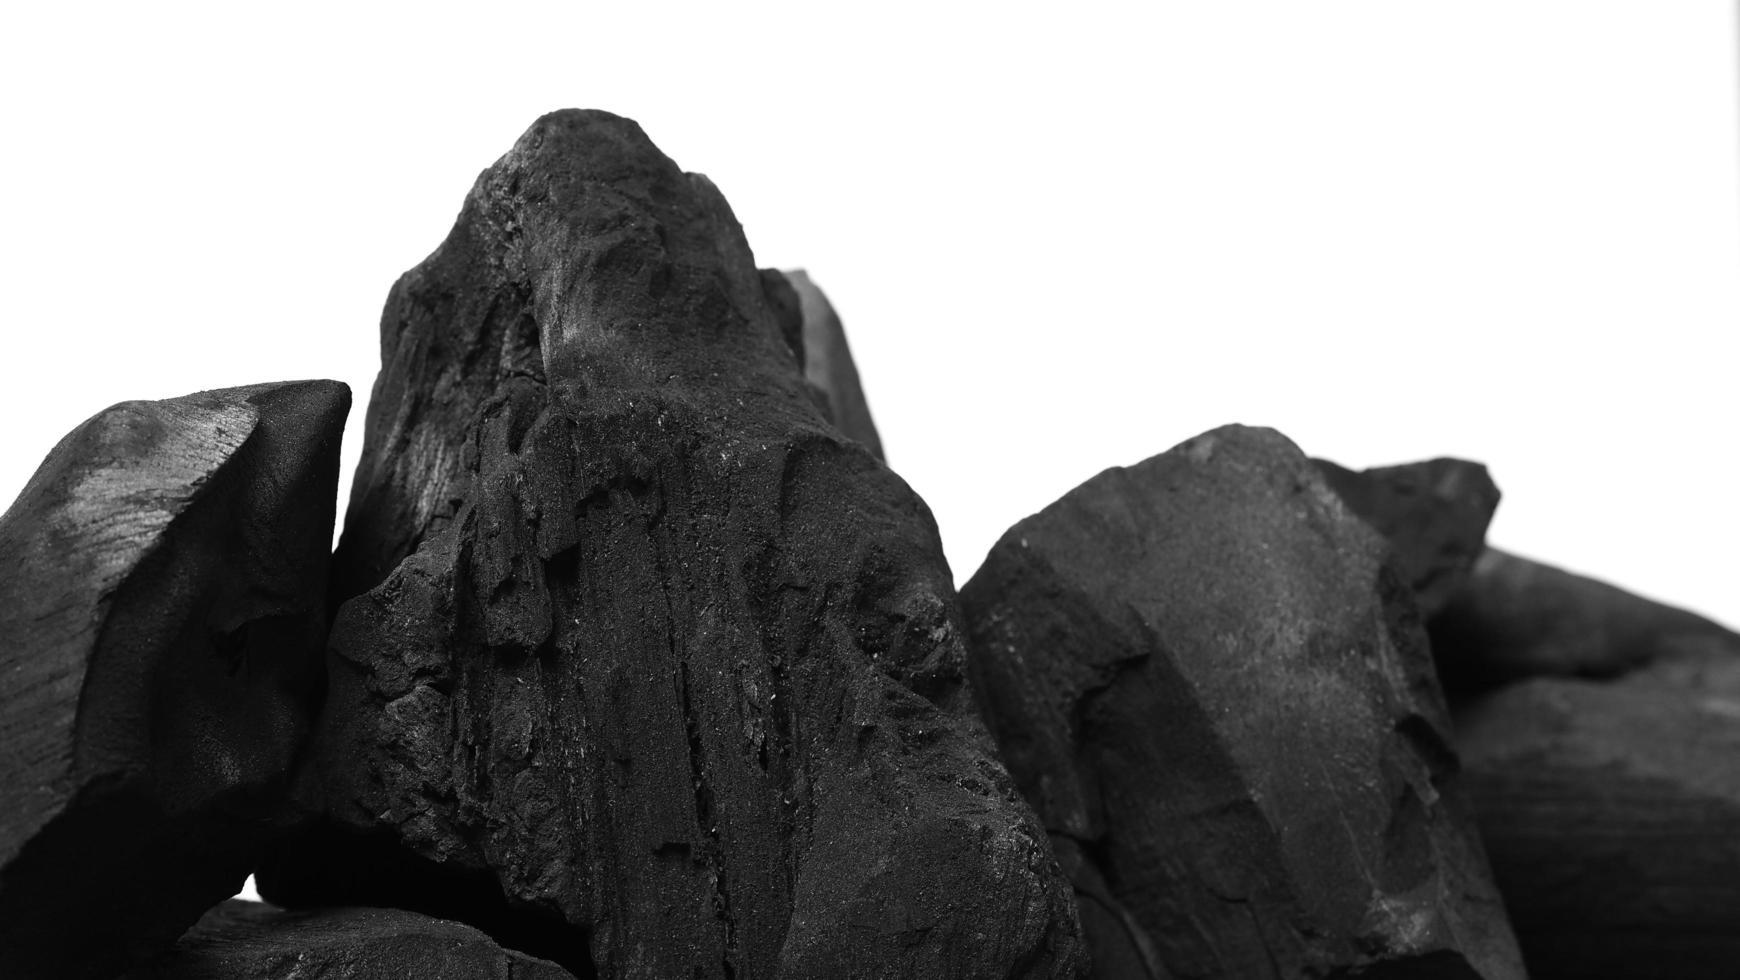 träkol. svart kol på svart texturerat golv. används för matlagning foto